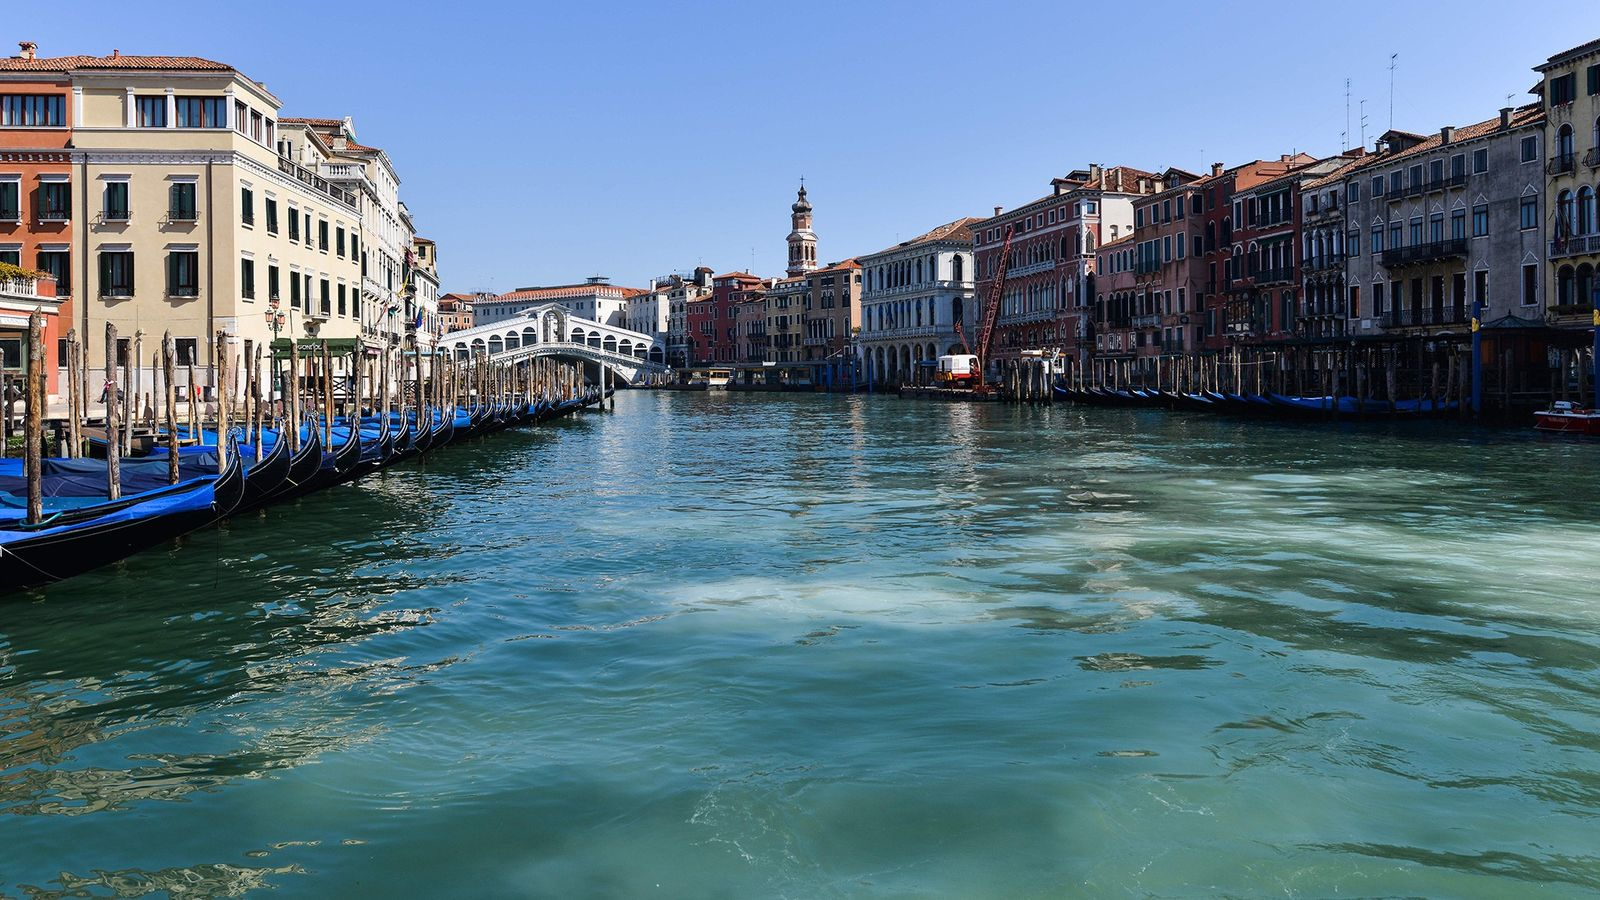 Face à la baisse de fréquentation des canaux de Venise provoquée par la quarantaine, des publications ...